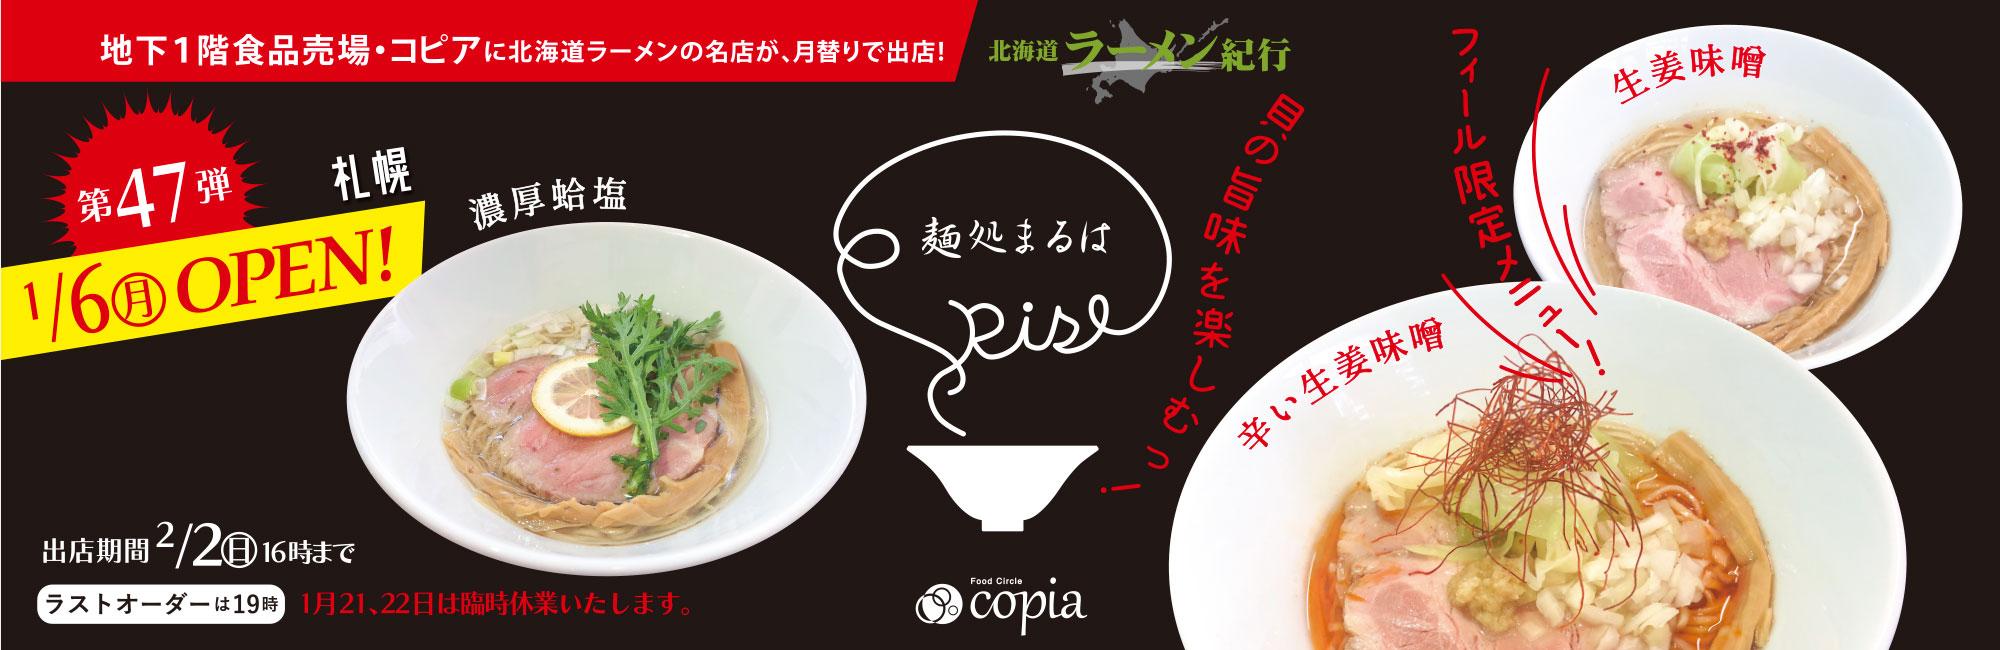 Feeeal ASHAHIKAWA 北海道ラーメン紀行 「まるはBYOND」